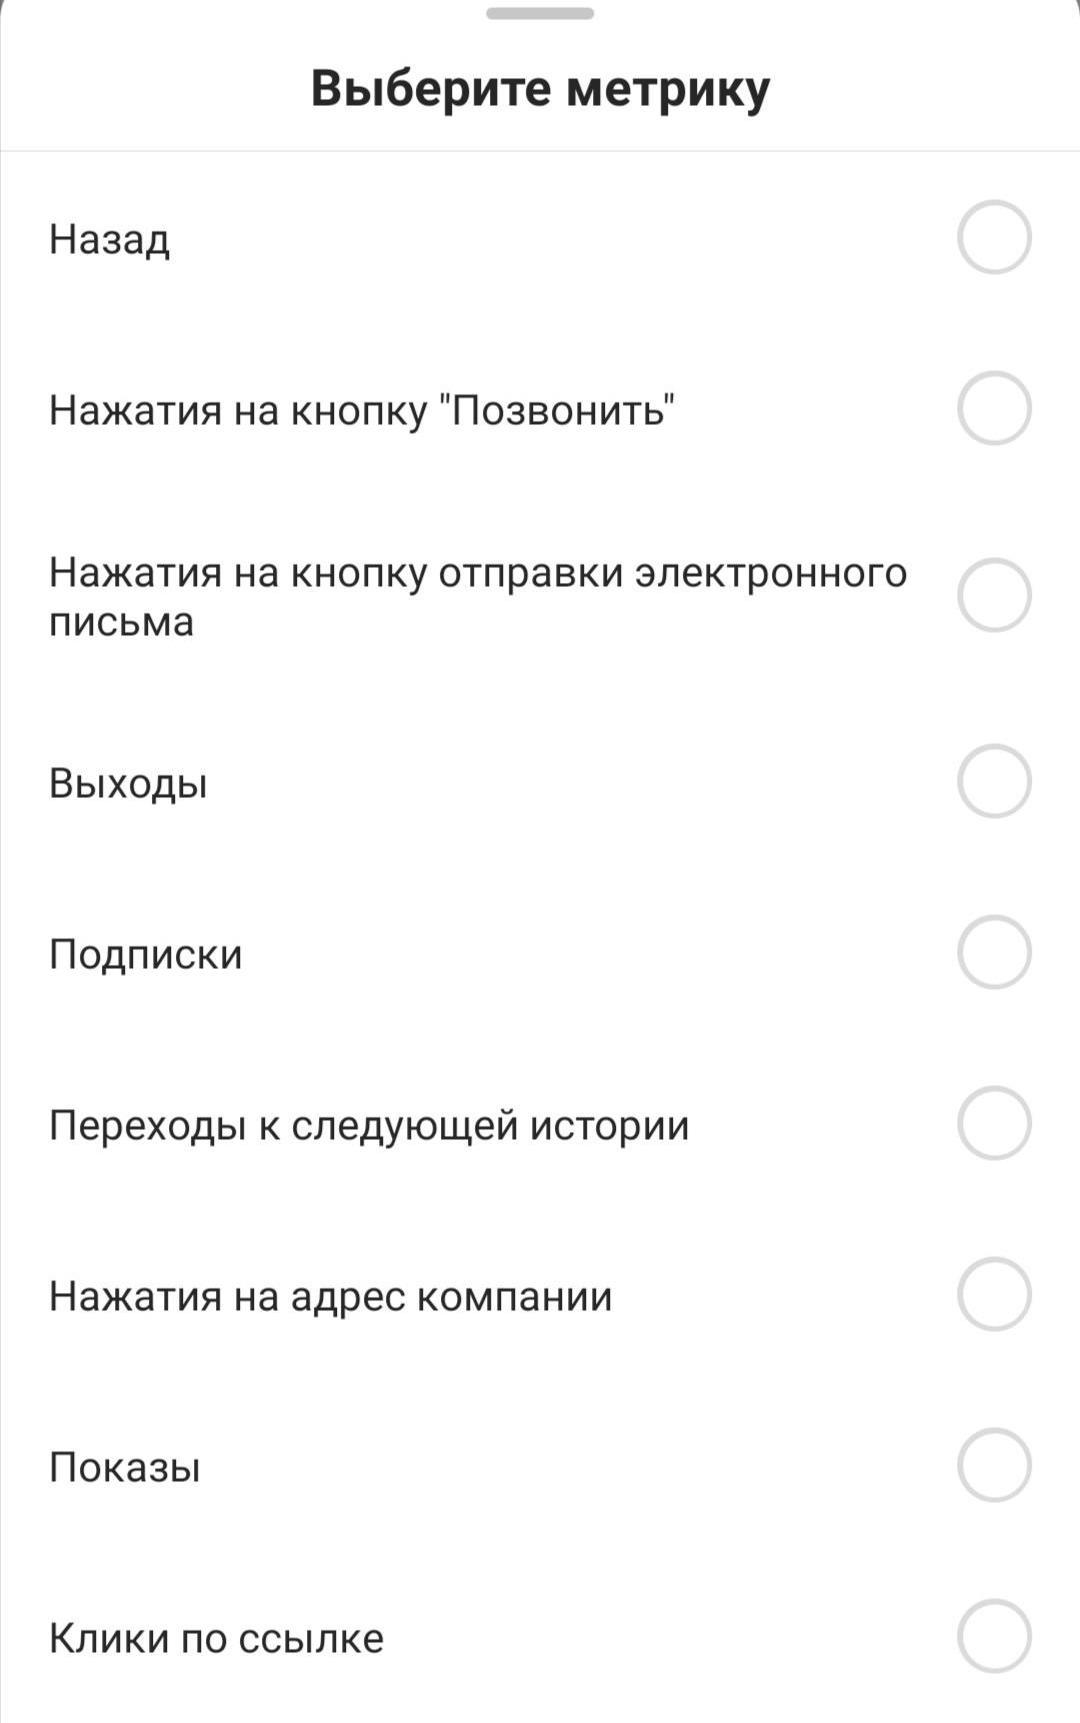 Пункты для анализа stories в приложении Instagram